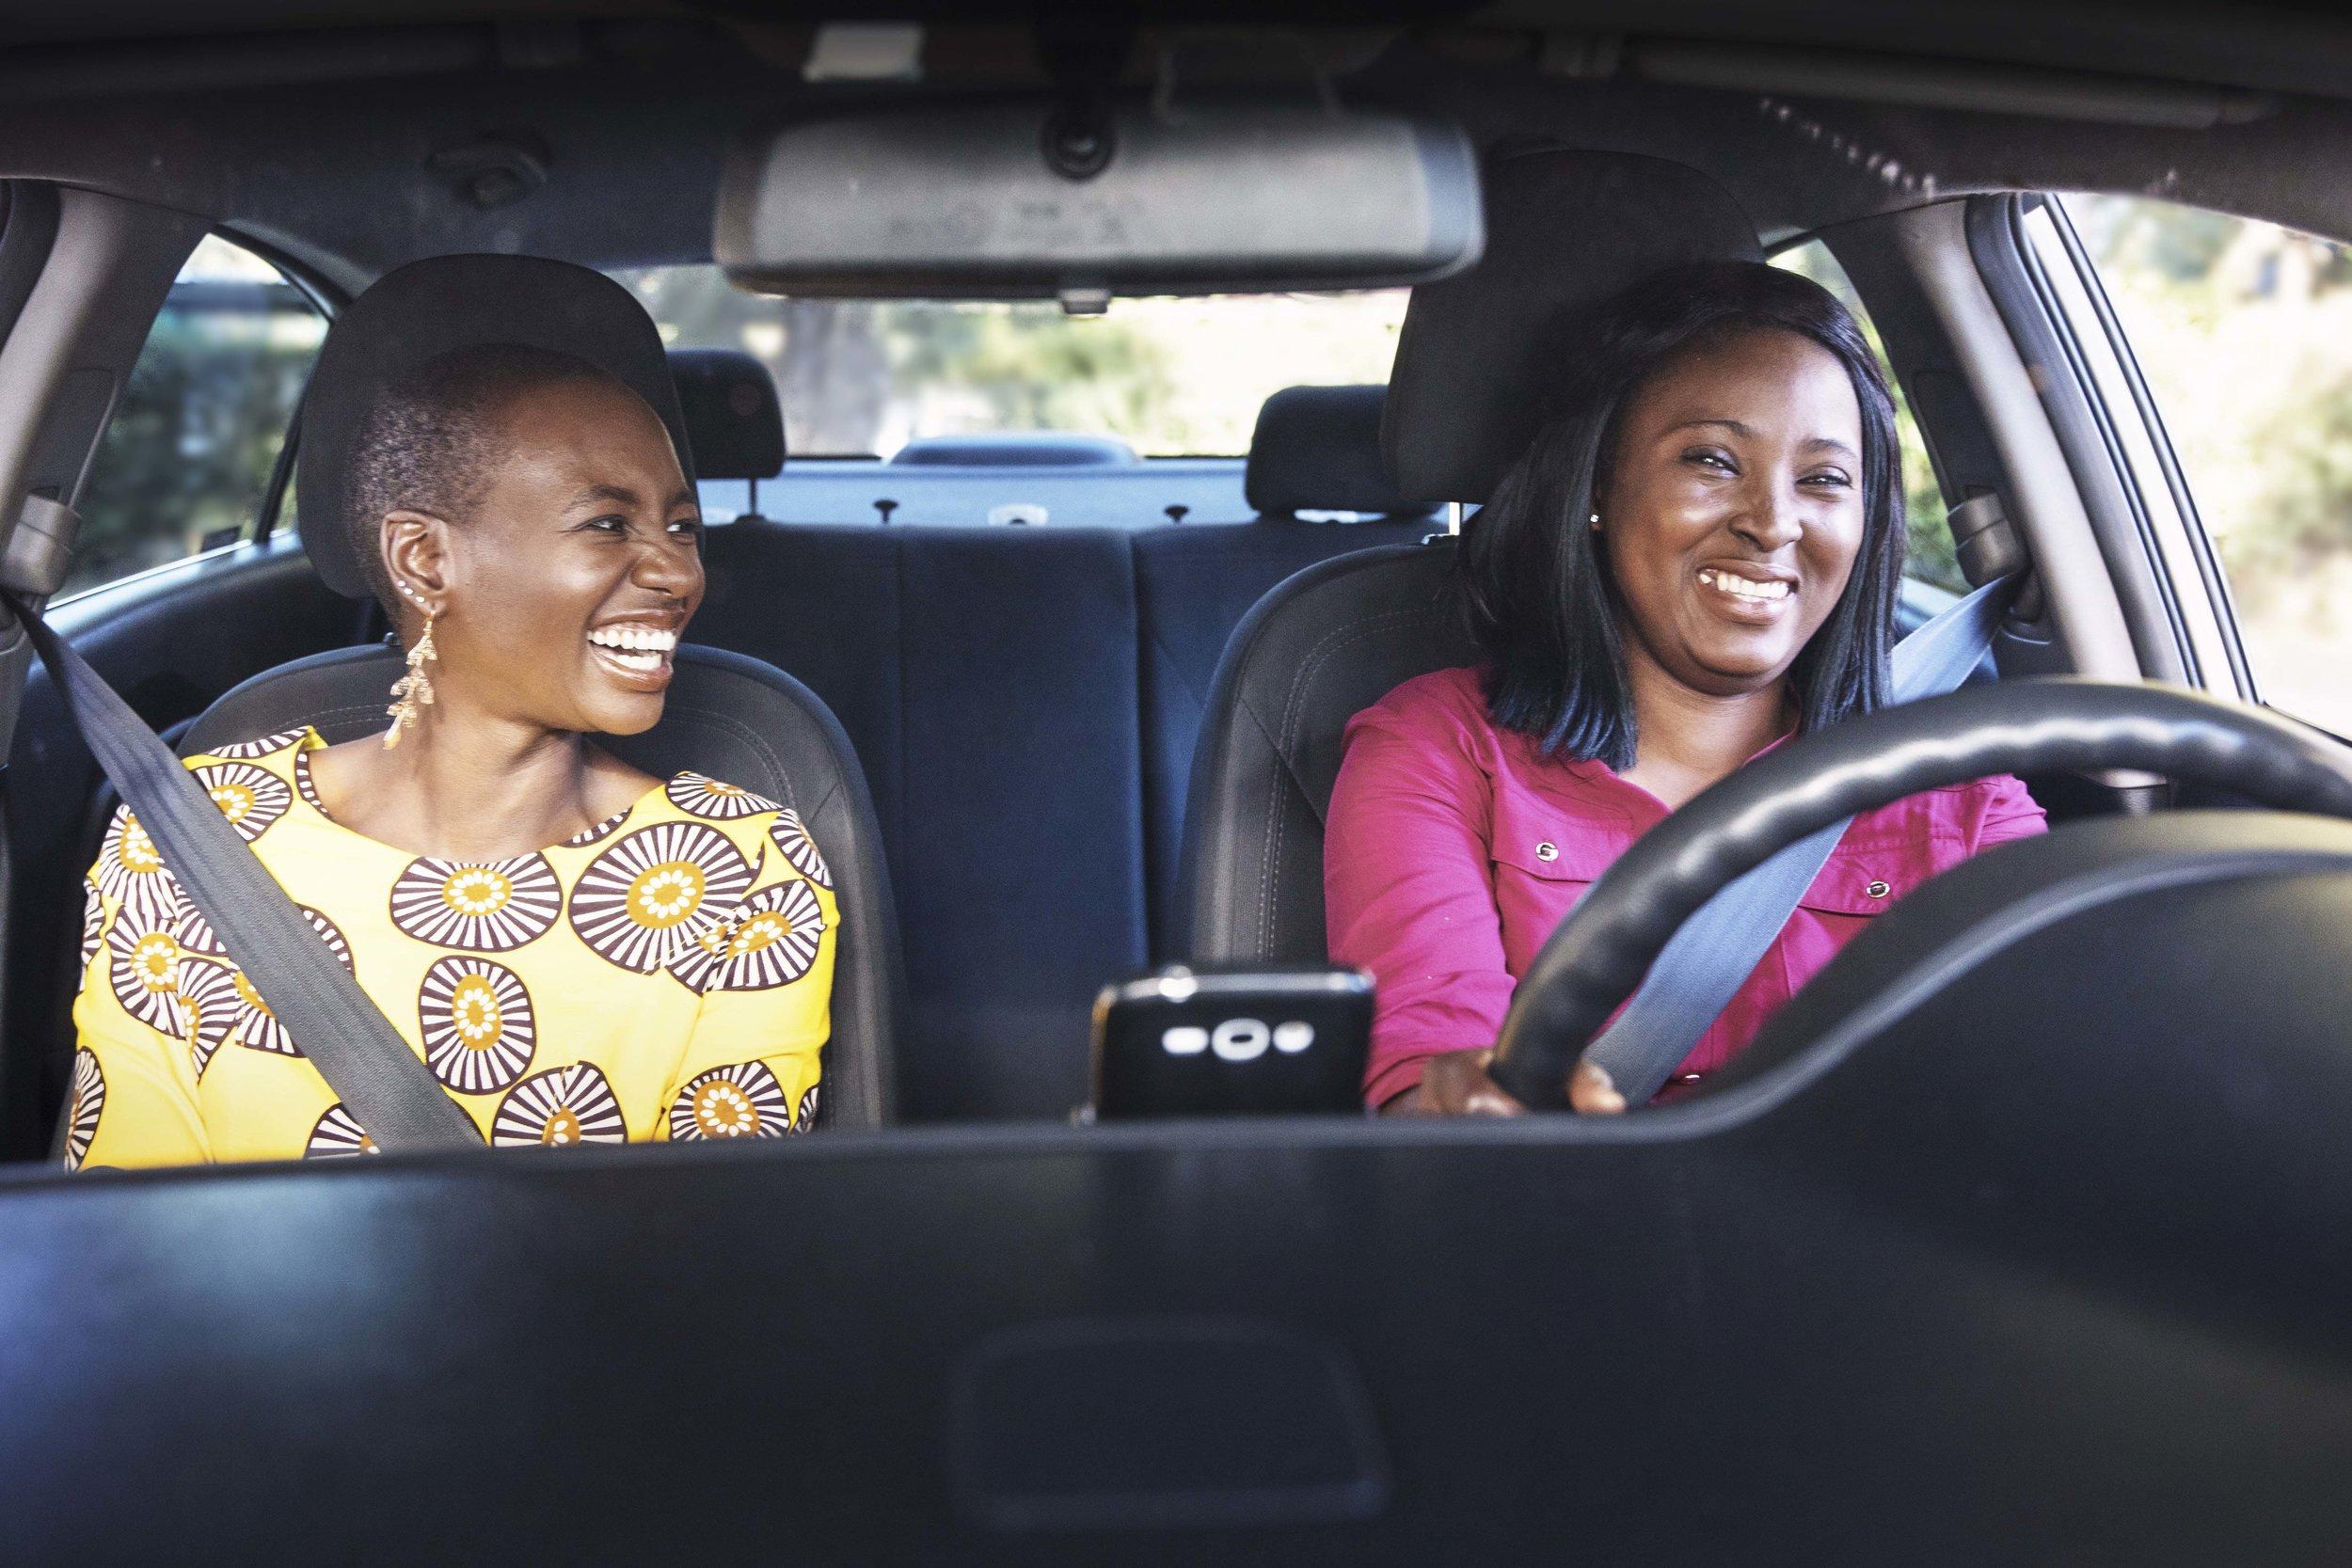 Uber_shoot_Kenya_Pair-104_1_optimized.jpg